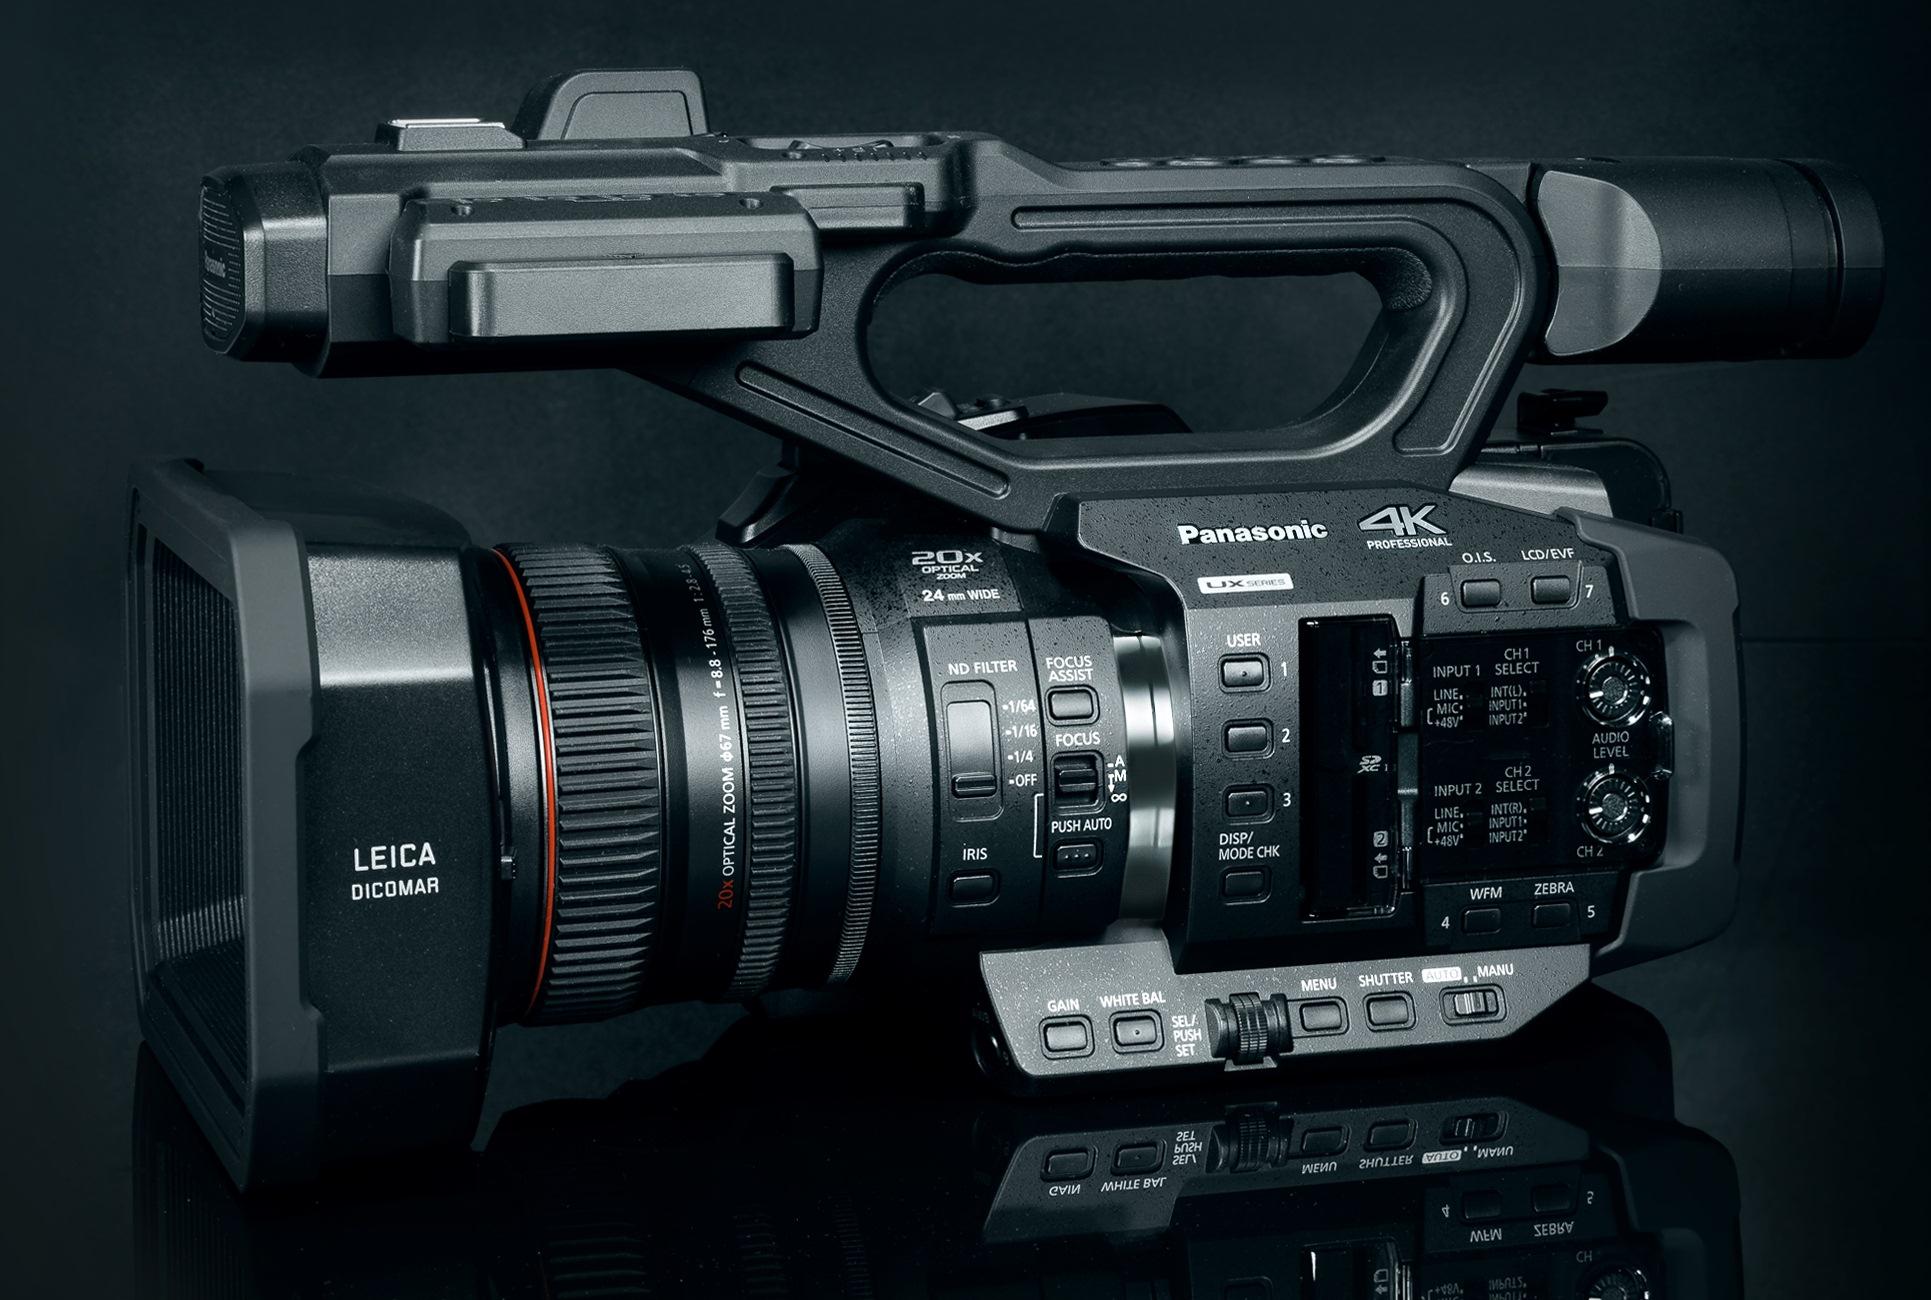 Panasonic видеокамера ag дешевый ремонт телефона nokia c2-01 в оренбурге